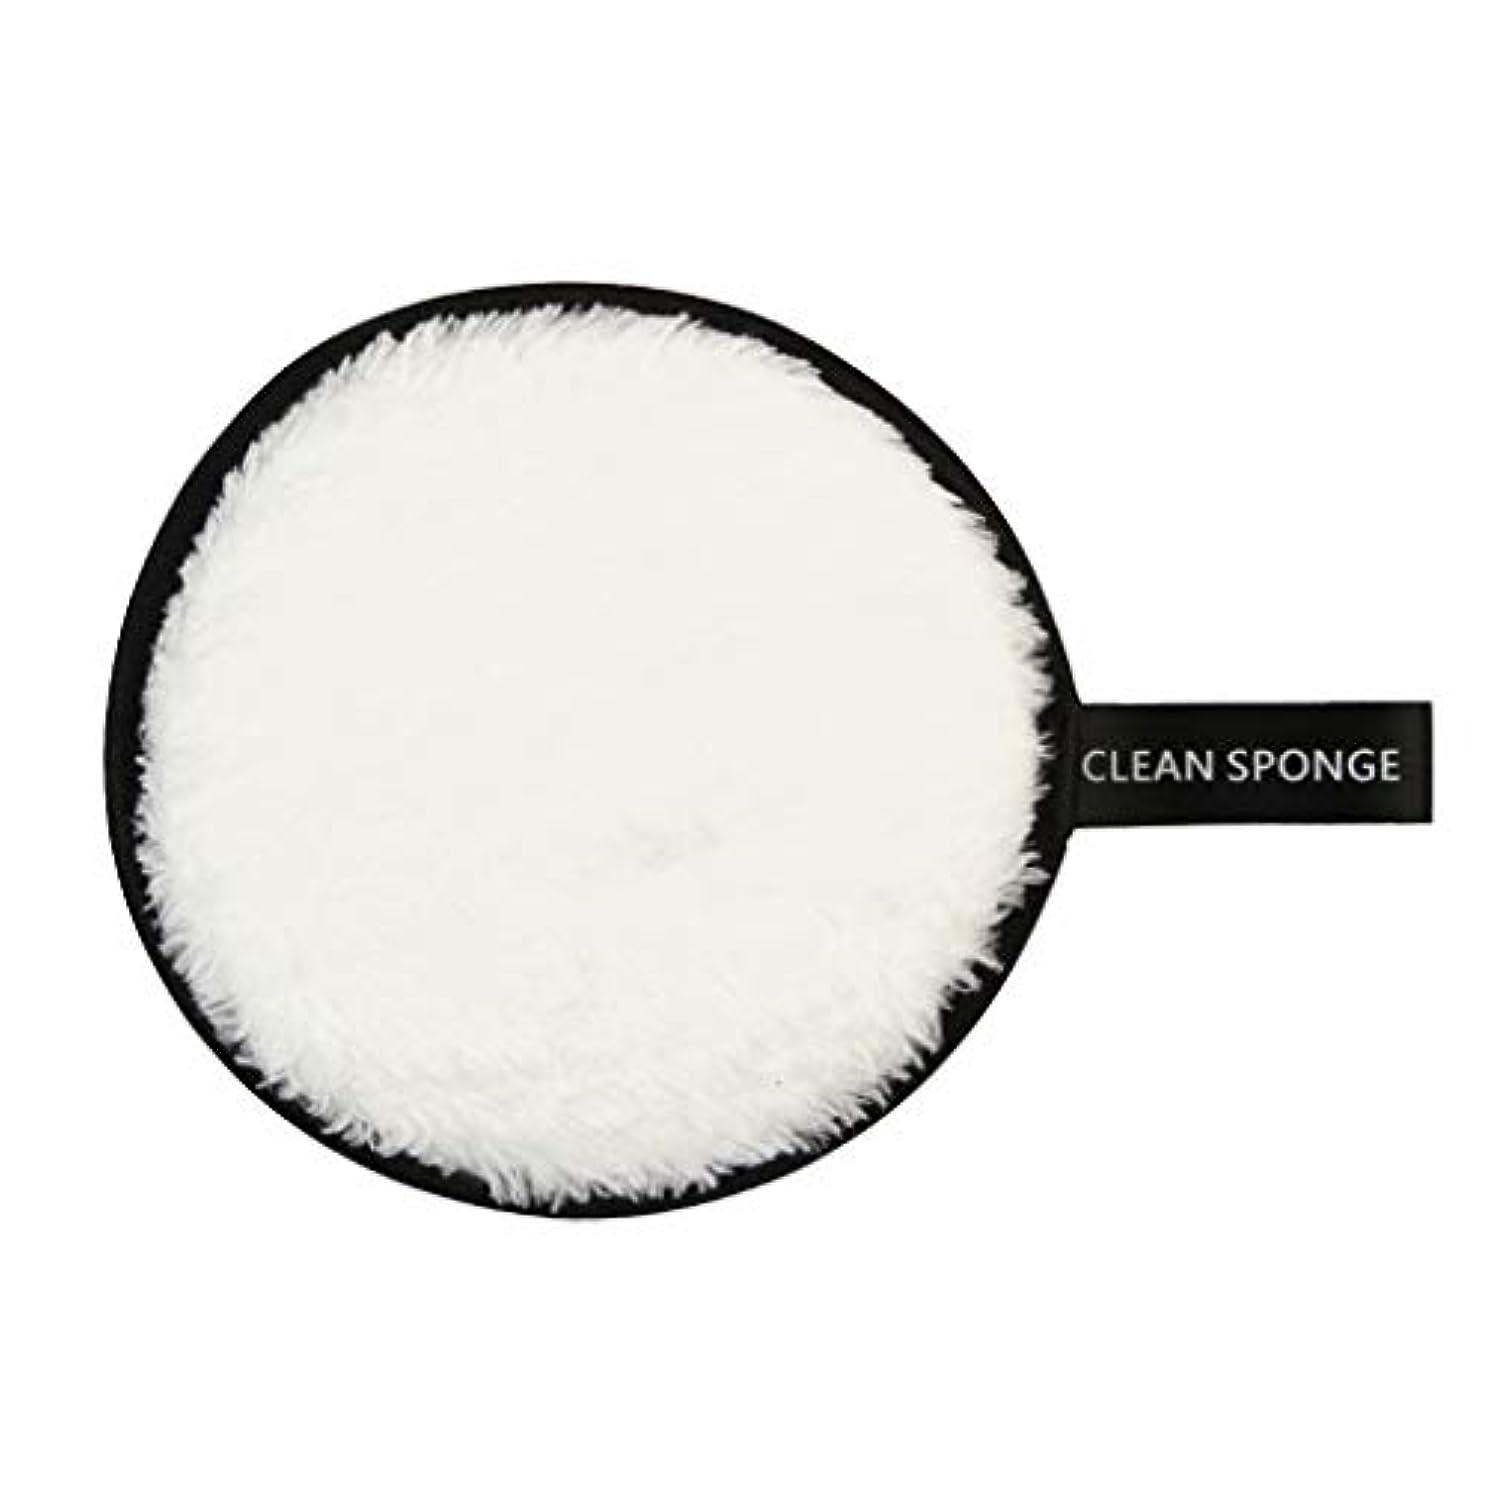 撤回する適応撤回するメイク落としパッド 再利用可能 メイク落としスポンジ 洗顔パッド 全6色 - 白